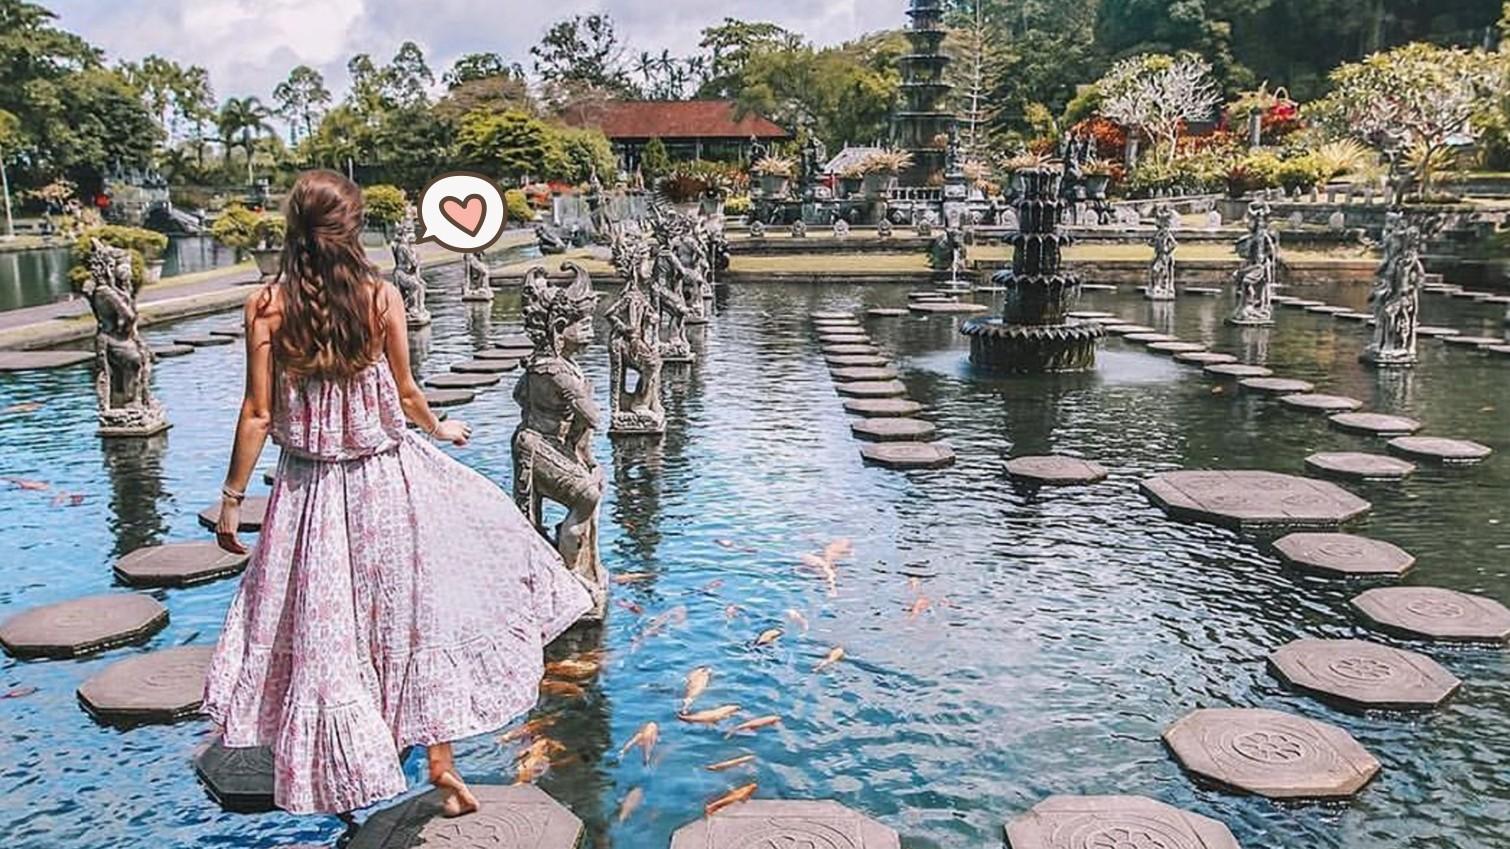 Ini Dia 5 Tempat Wisata Di Bali Yang Instagrammable Banget